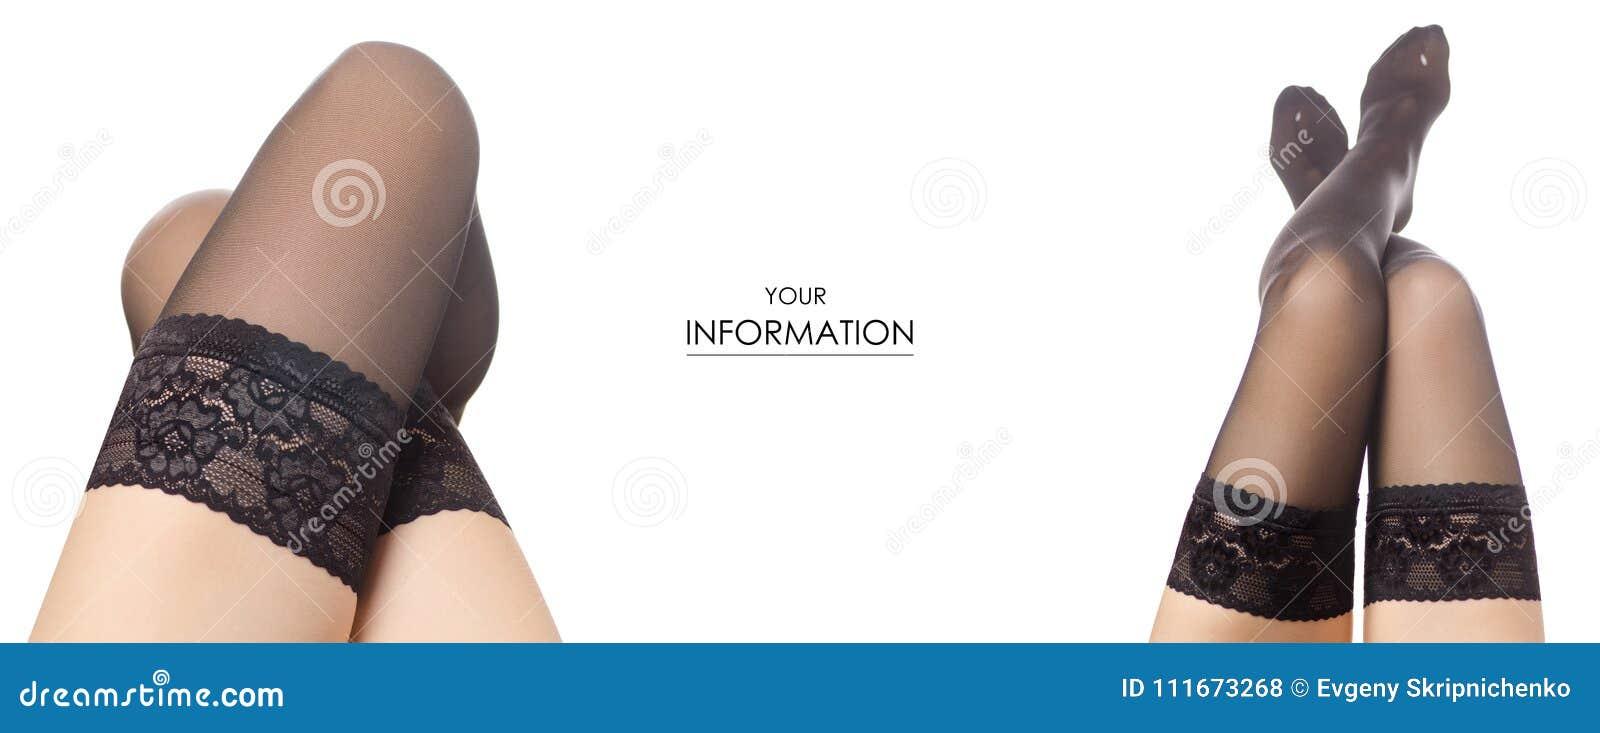 3896c2ce257 Female legs black nylon stockings fashion beauty buy sale shop set pattern  on a white background isolation